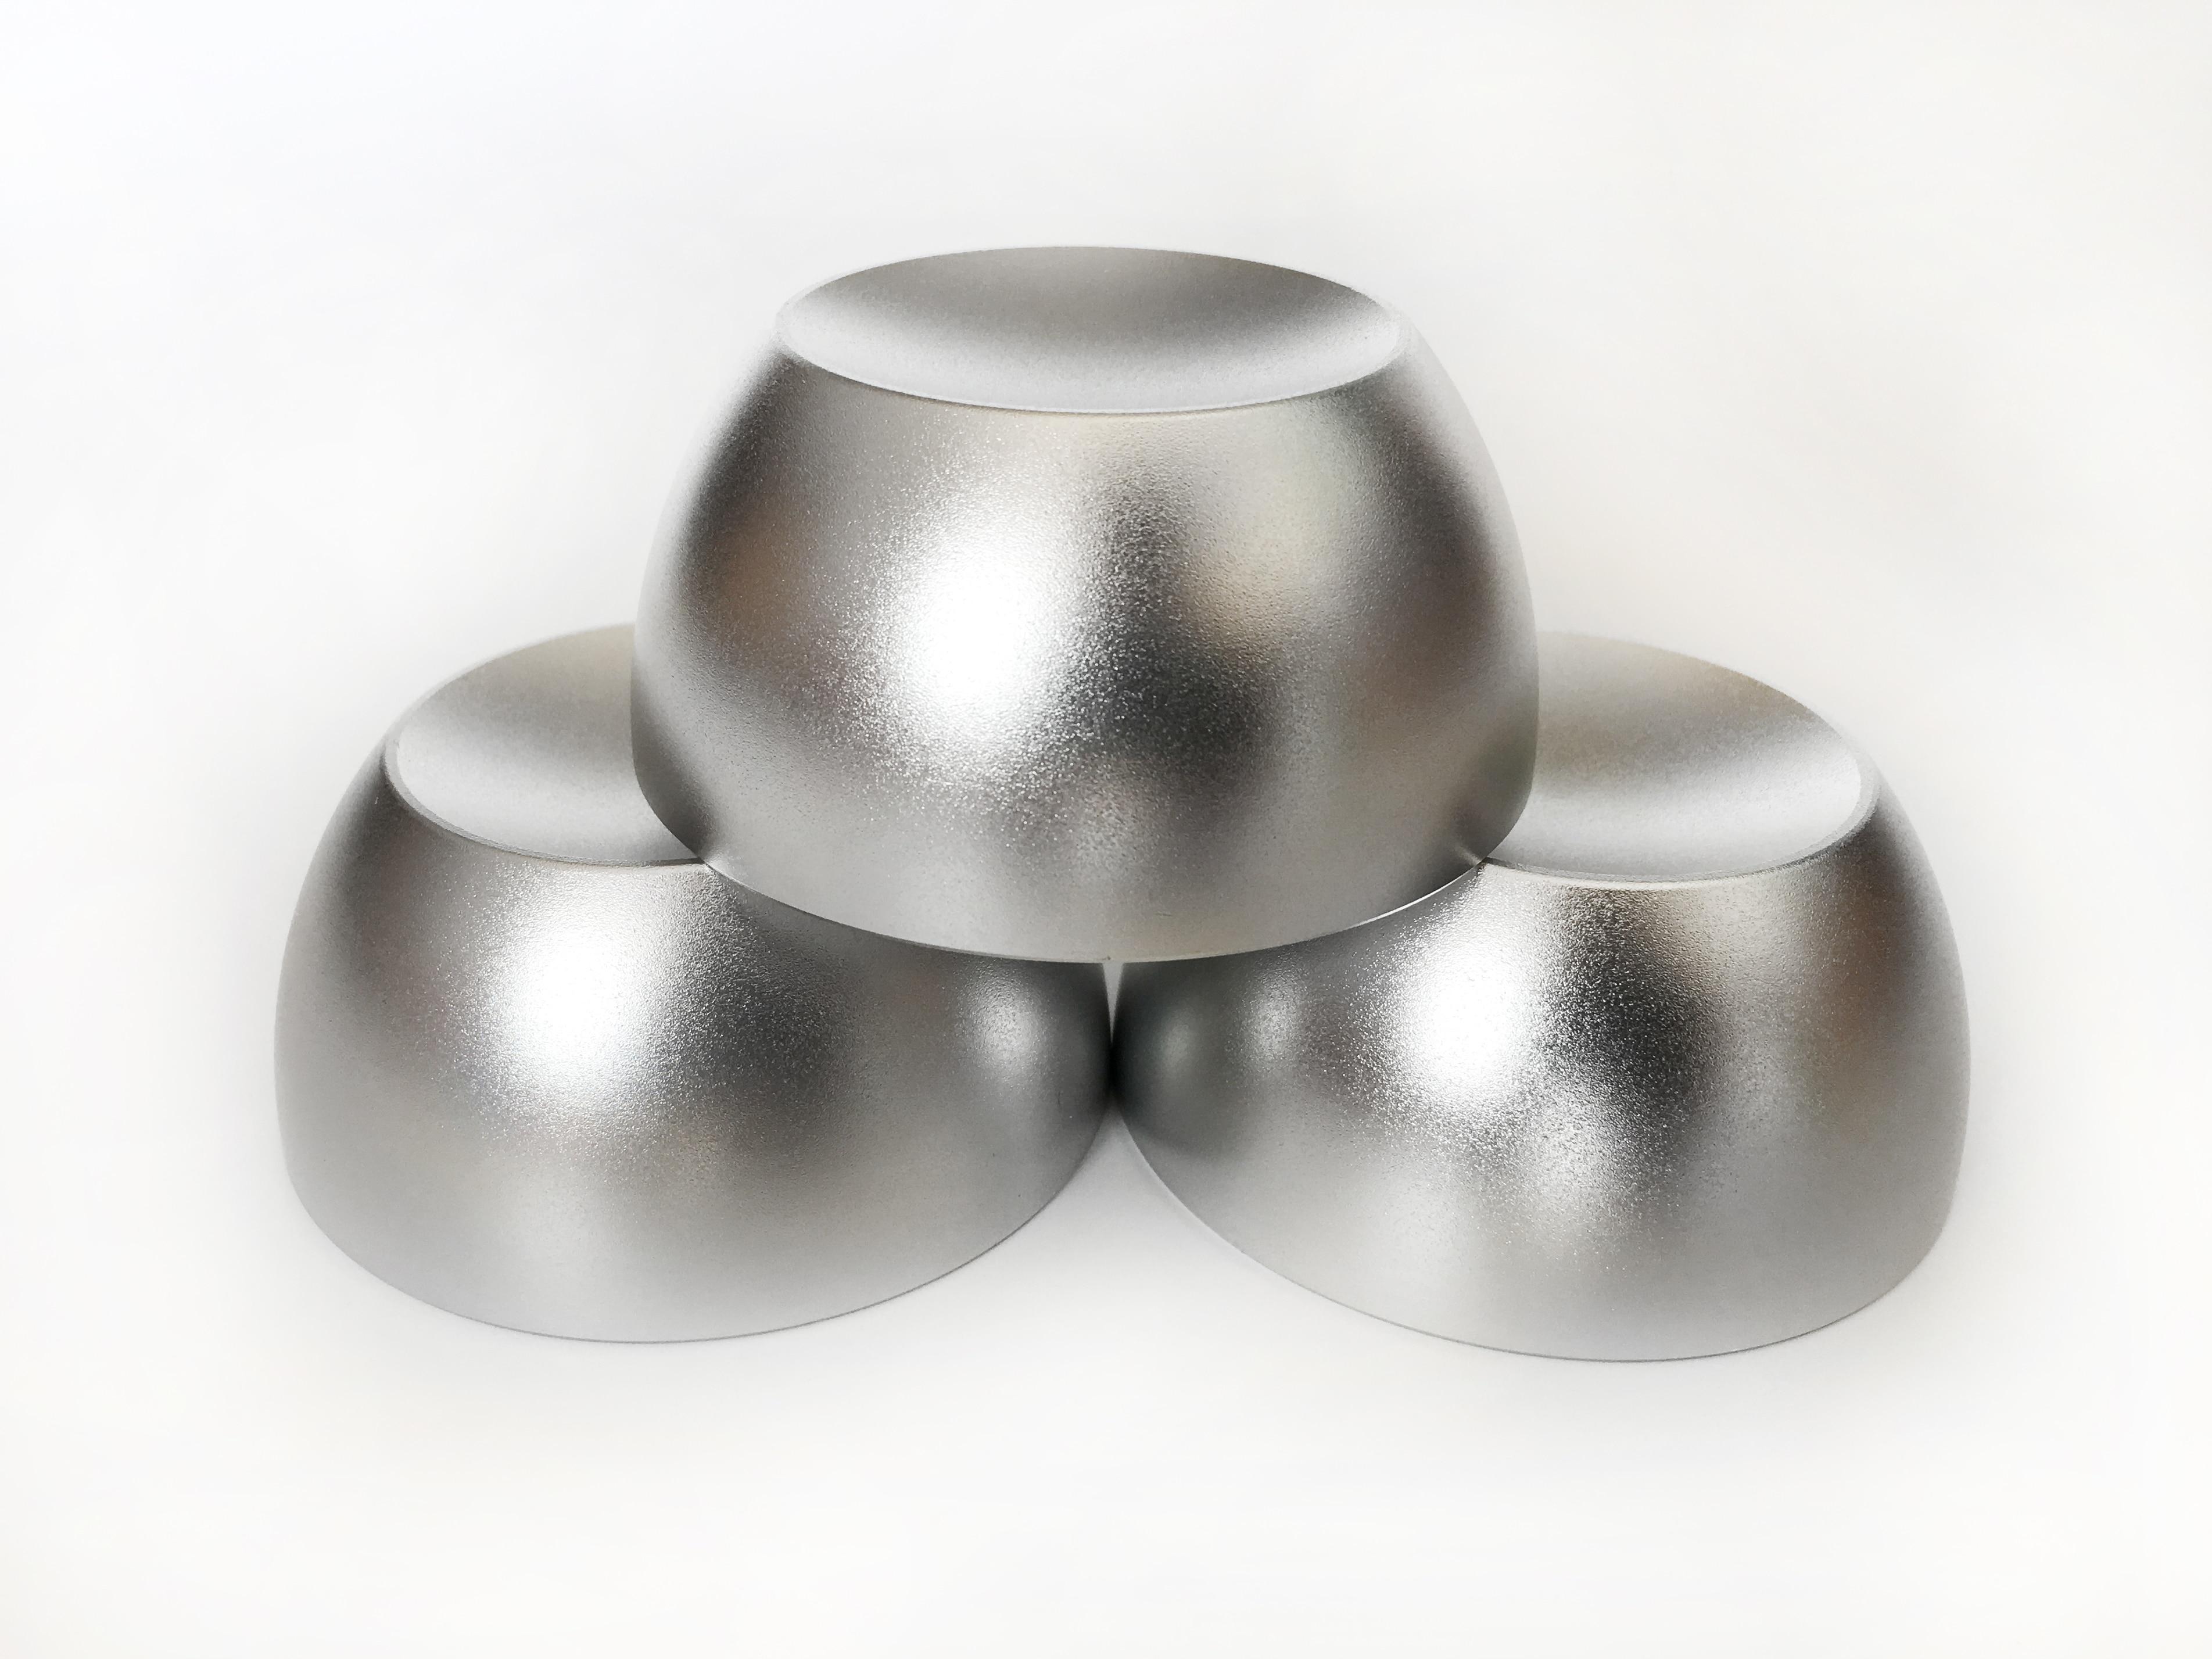 13000GS Origional Сильный магнитный замок-разъединитель eas hard tag для удаления 10 шт. / Лот